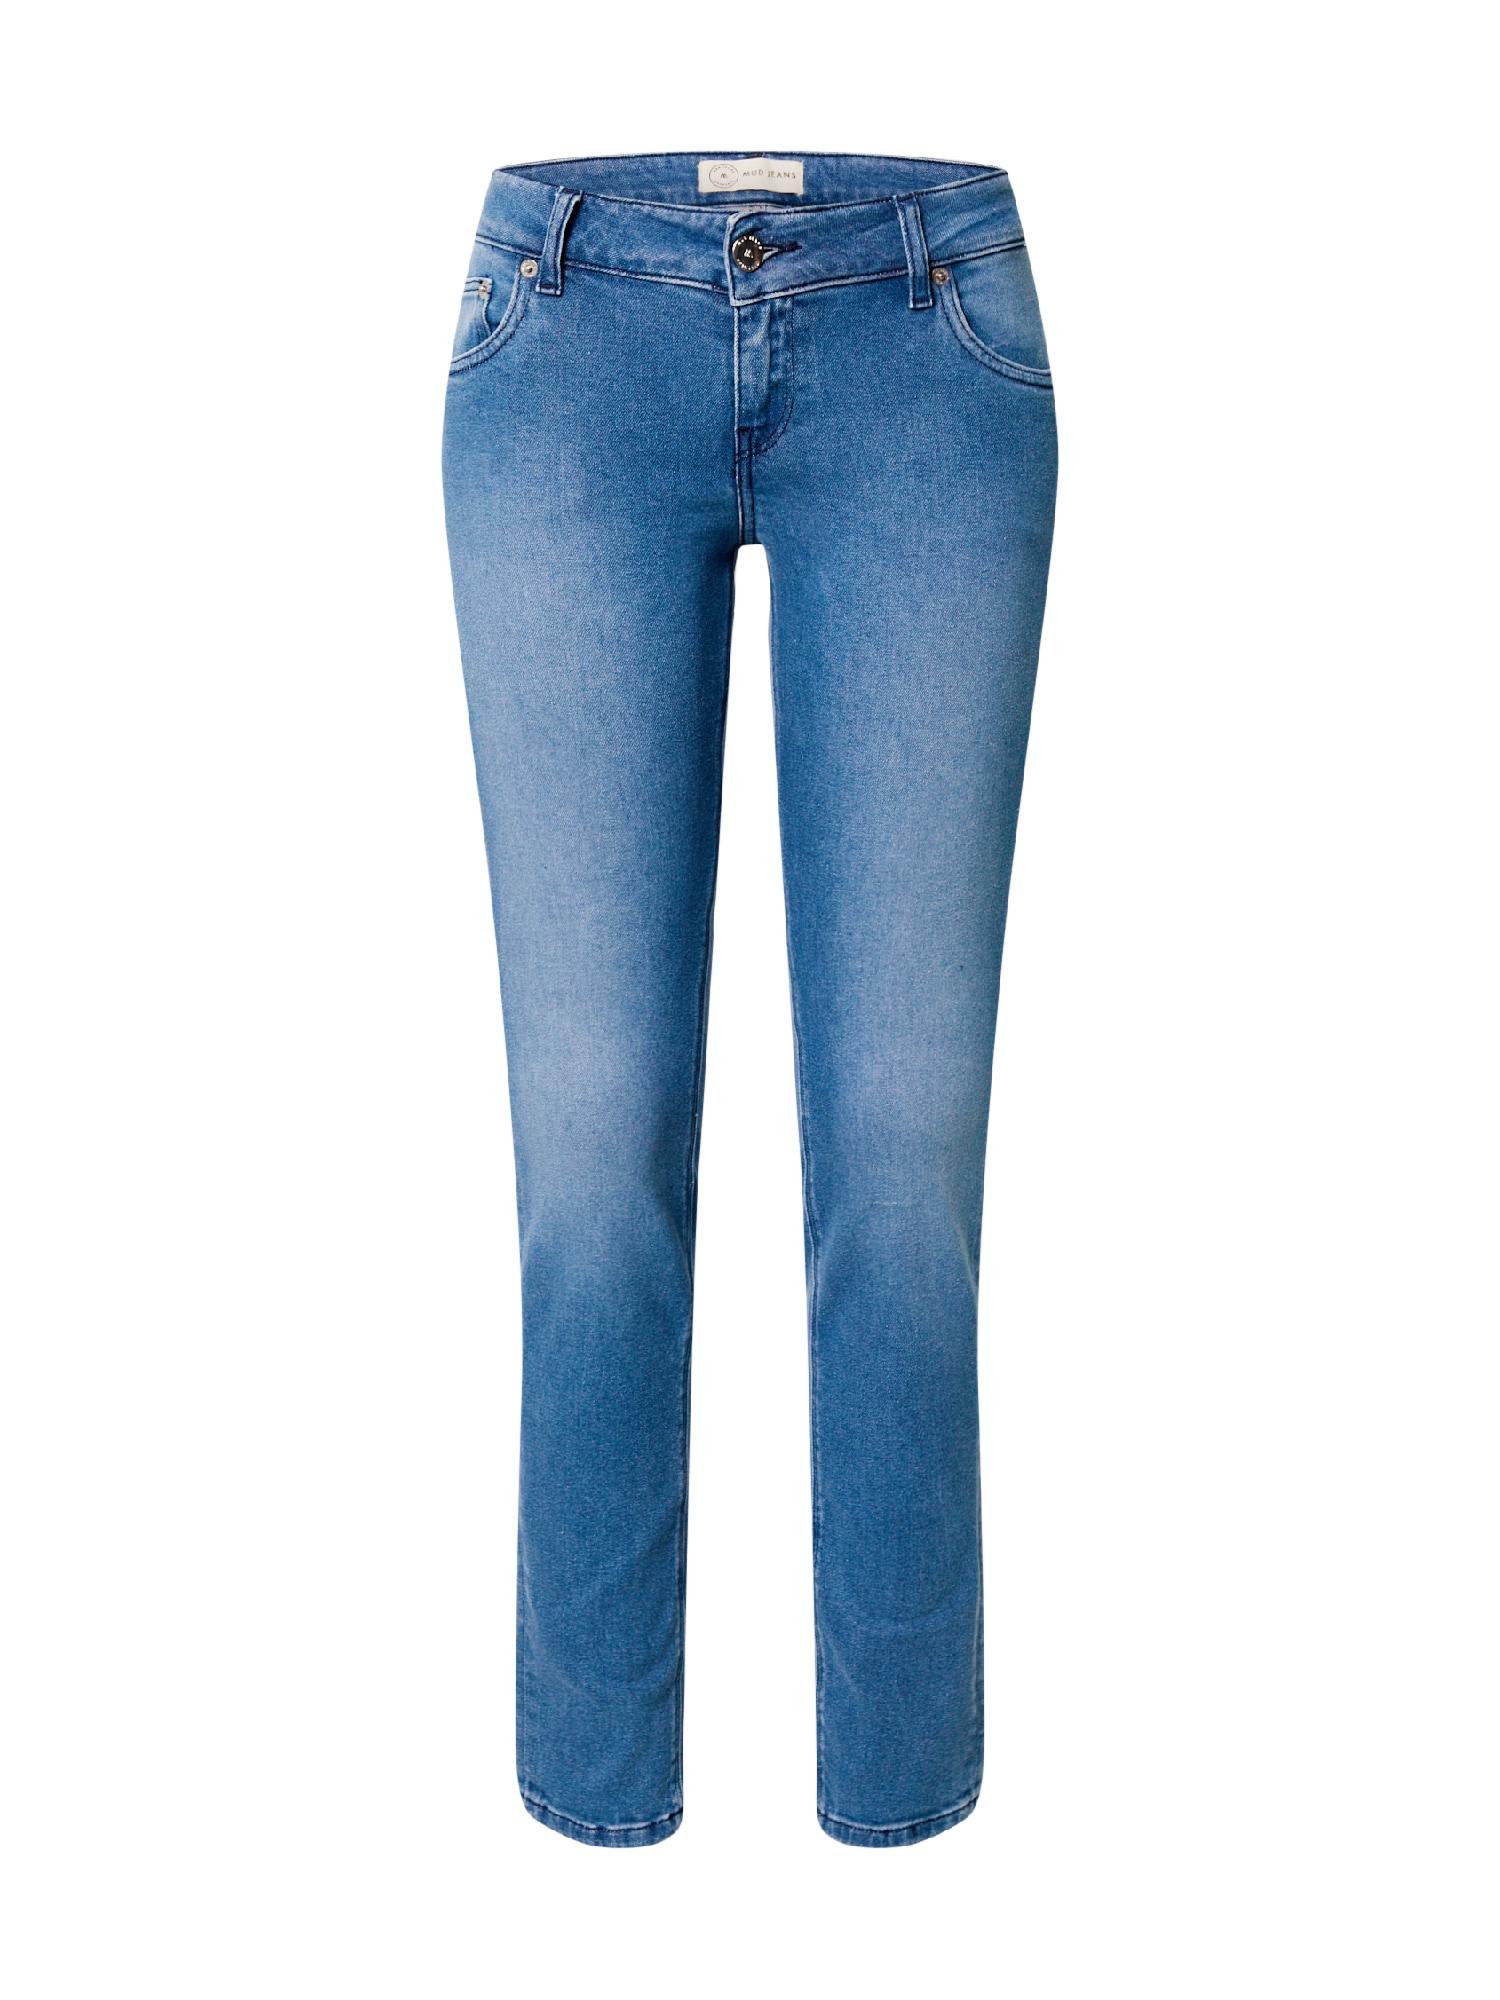 MUD Jeans Džinsai tamsiai (džinso) mėlyna